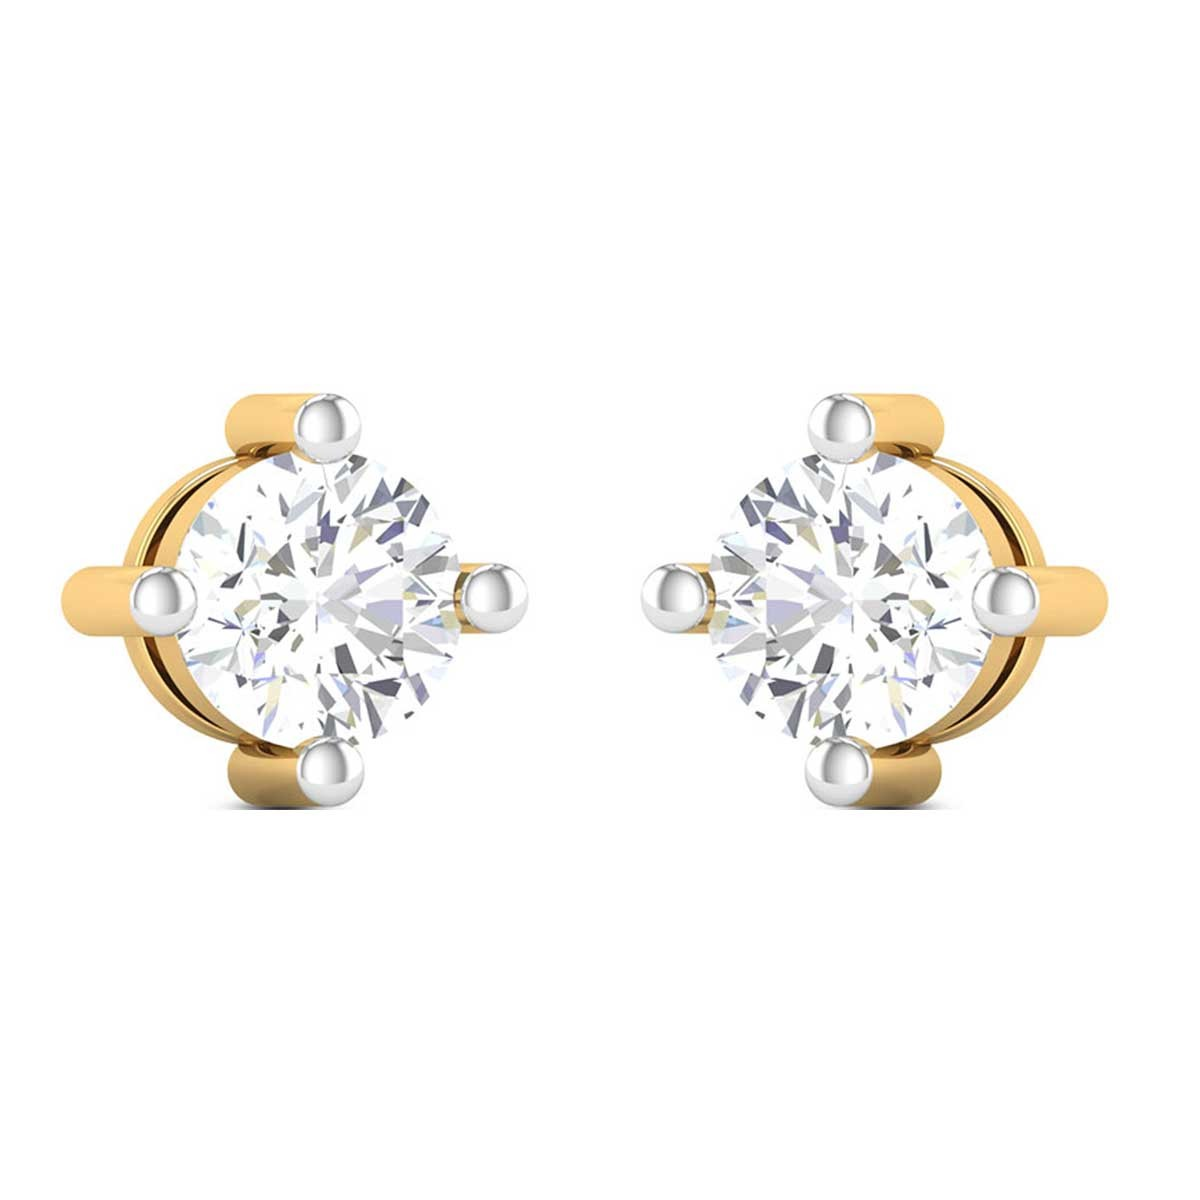 De-Ja-Voo Diamond Earrings